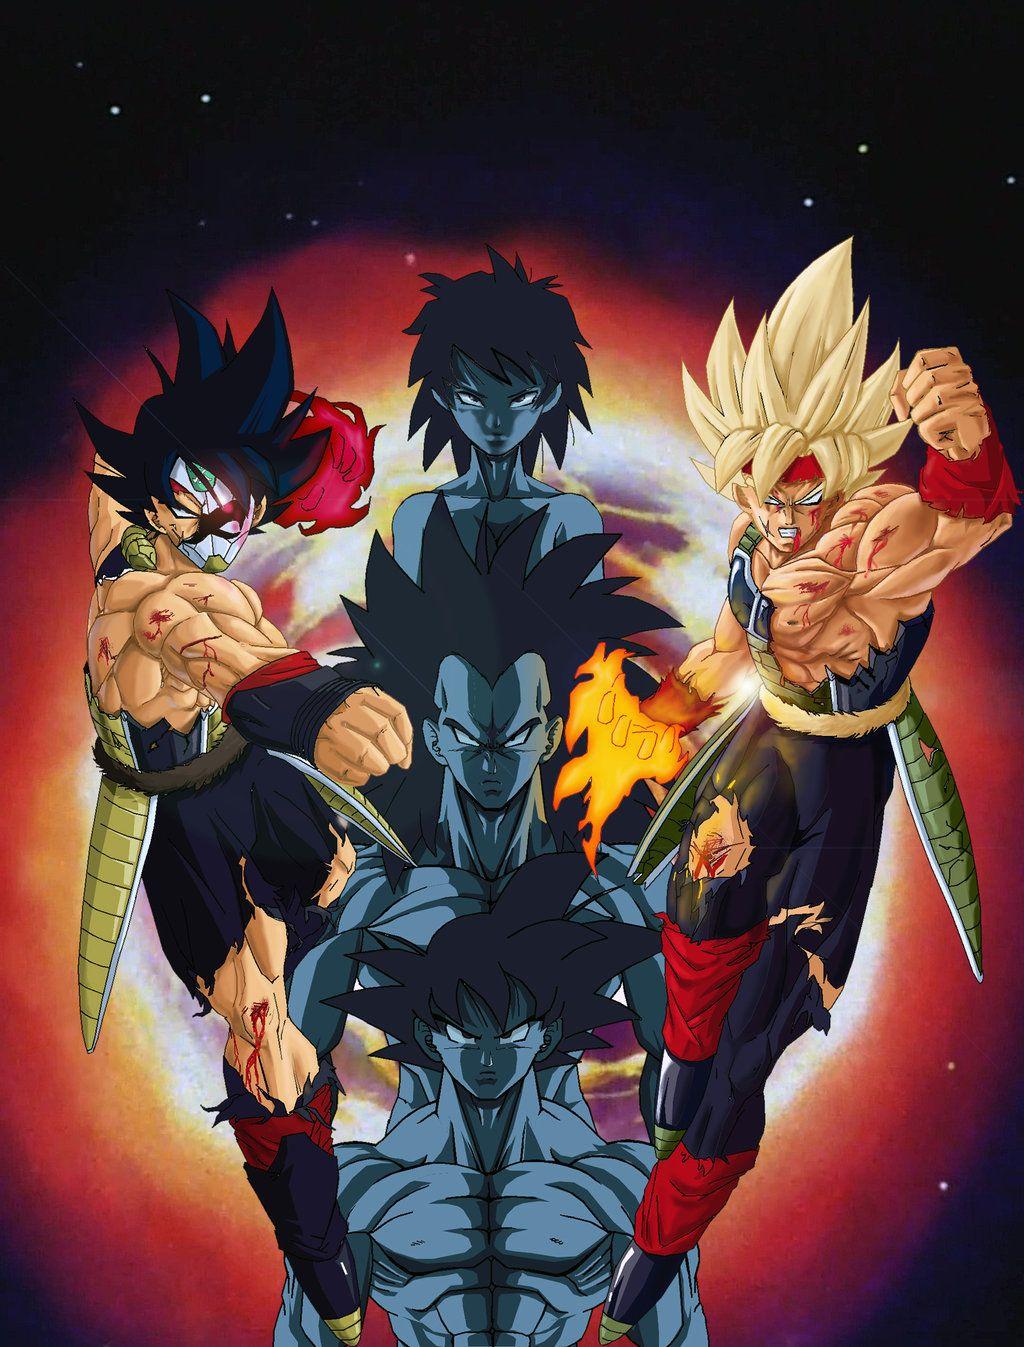 Bardock And His Family Dragon Ball Artwork Dragon Ball Super Dragon Ball